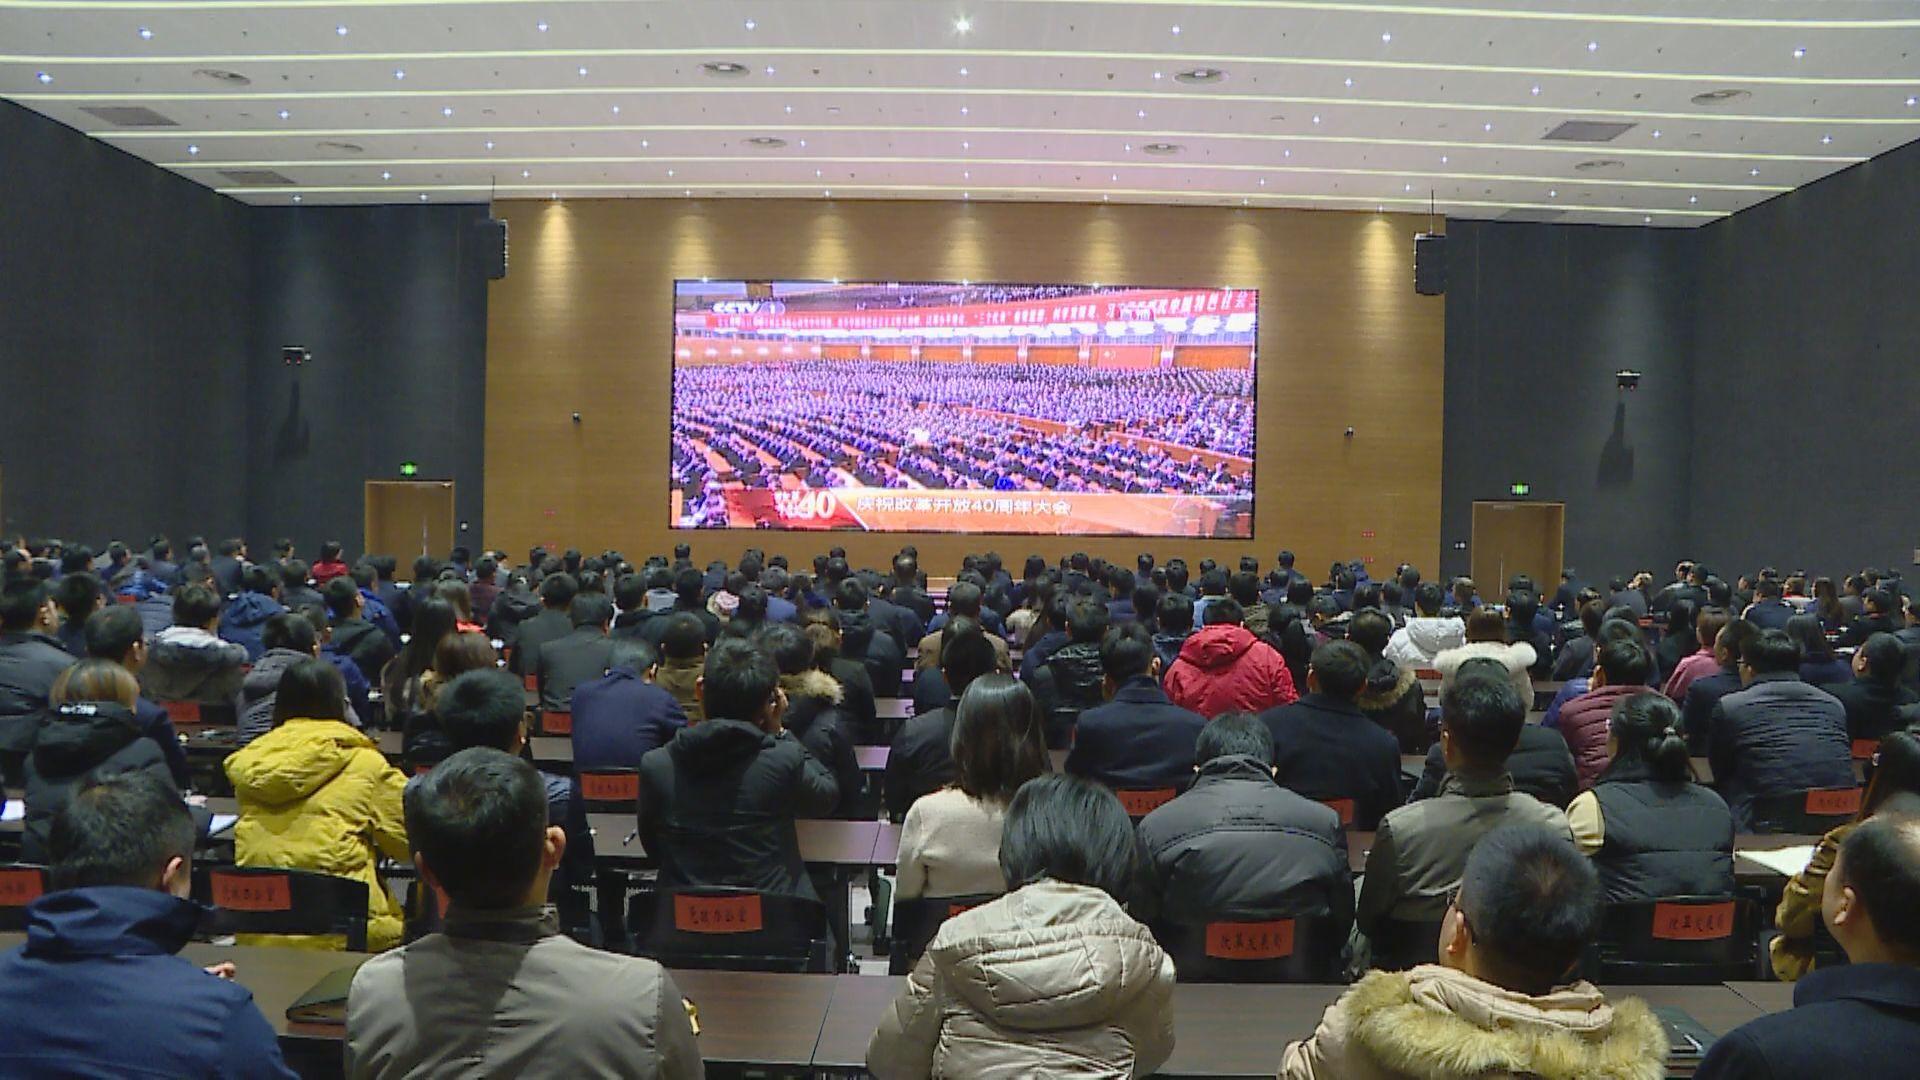 【视频】庆祝改革开放40周年大会举行 习近平总书记重要讲话在雄安新区引起热烈反响